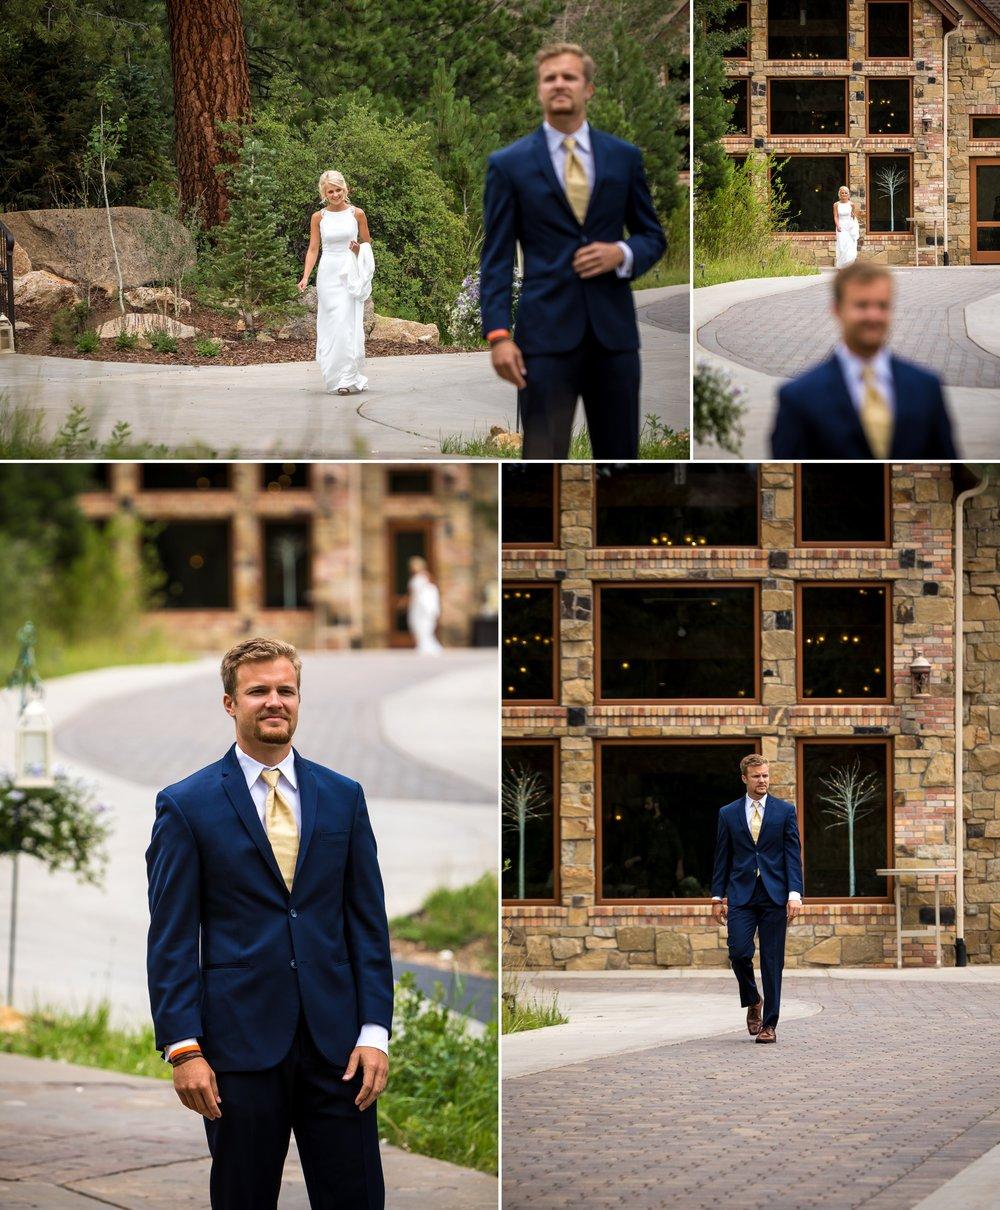 Estes_Park_Wedding_Della_Terra_Mountain_Kristopher_Lindsay_Photography 3.jpg